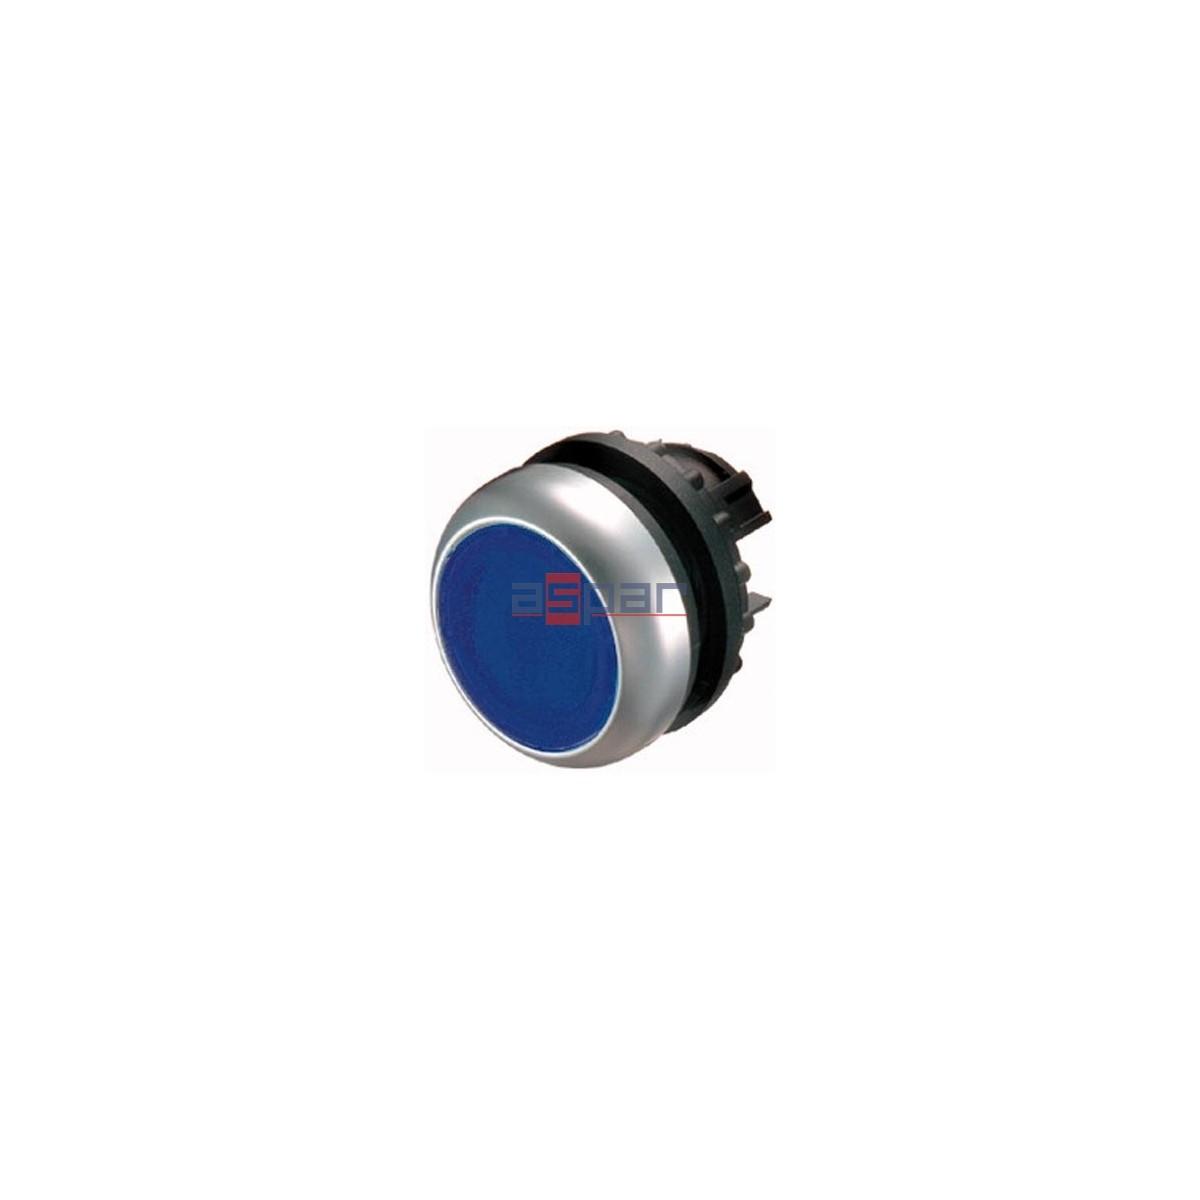 Przycisk z samopowrotem, podświetlany, niebieski, M22-DL-B, 216931